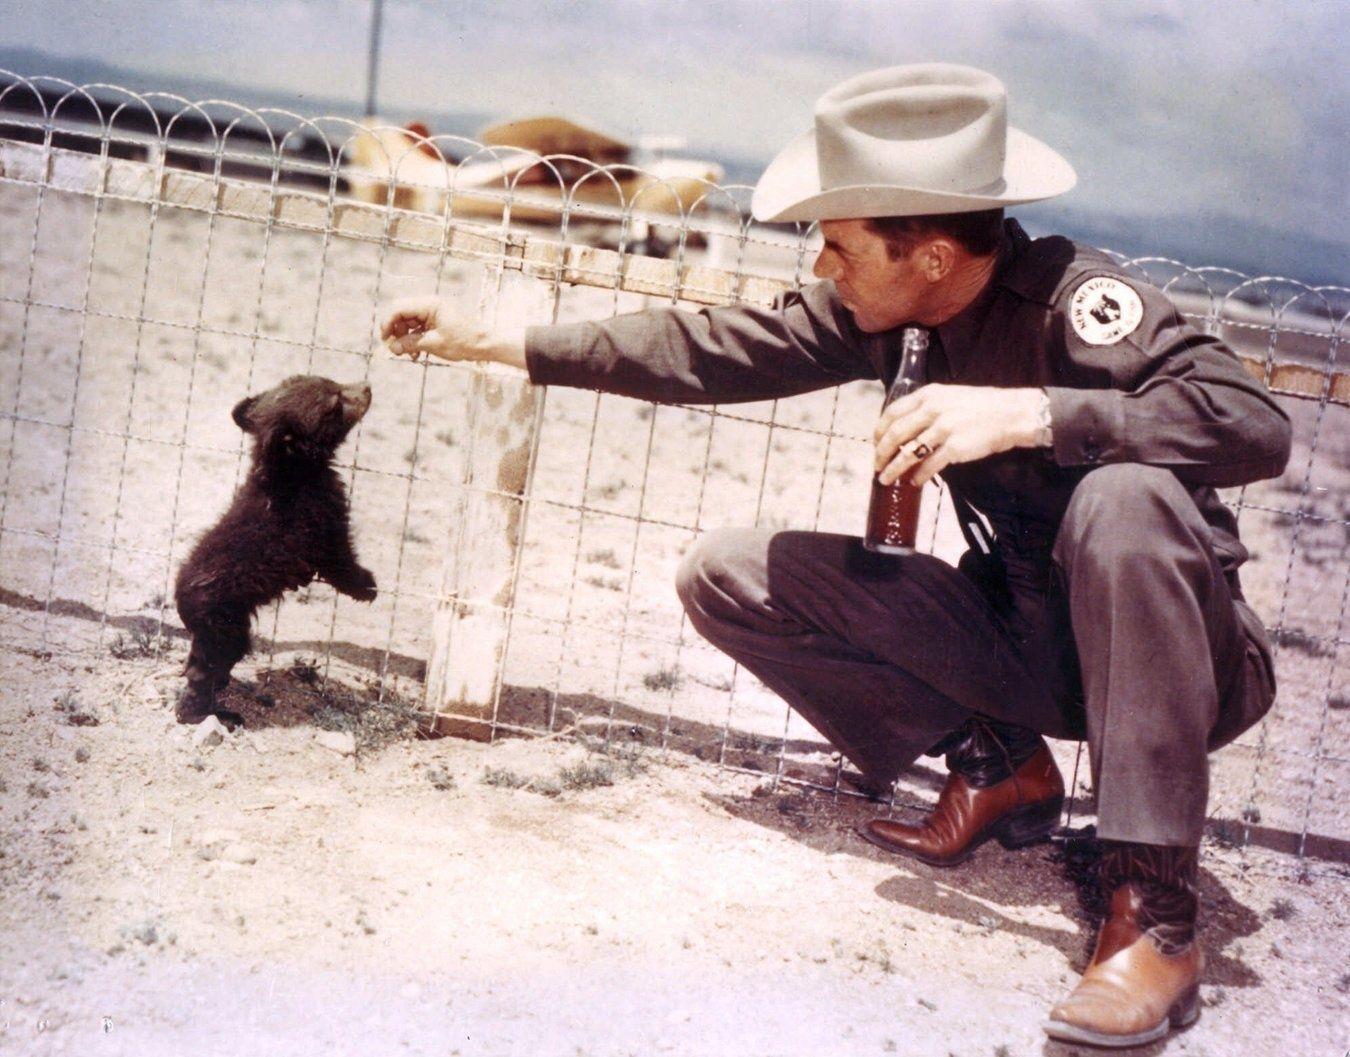 1950: El oficial Ray Bell con el oso Smokey (mascota del programa de prevención de incendios) Smokey fue llamado originalmente Hot Food Teddy y fue cuidado por Bell después de haber sido rescatado de un incendio en el Parque Nacional Lincoln